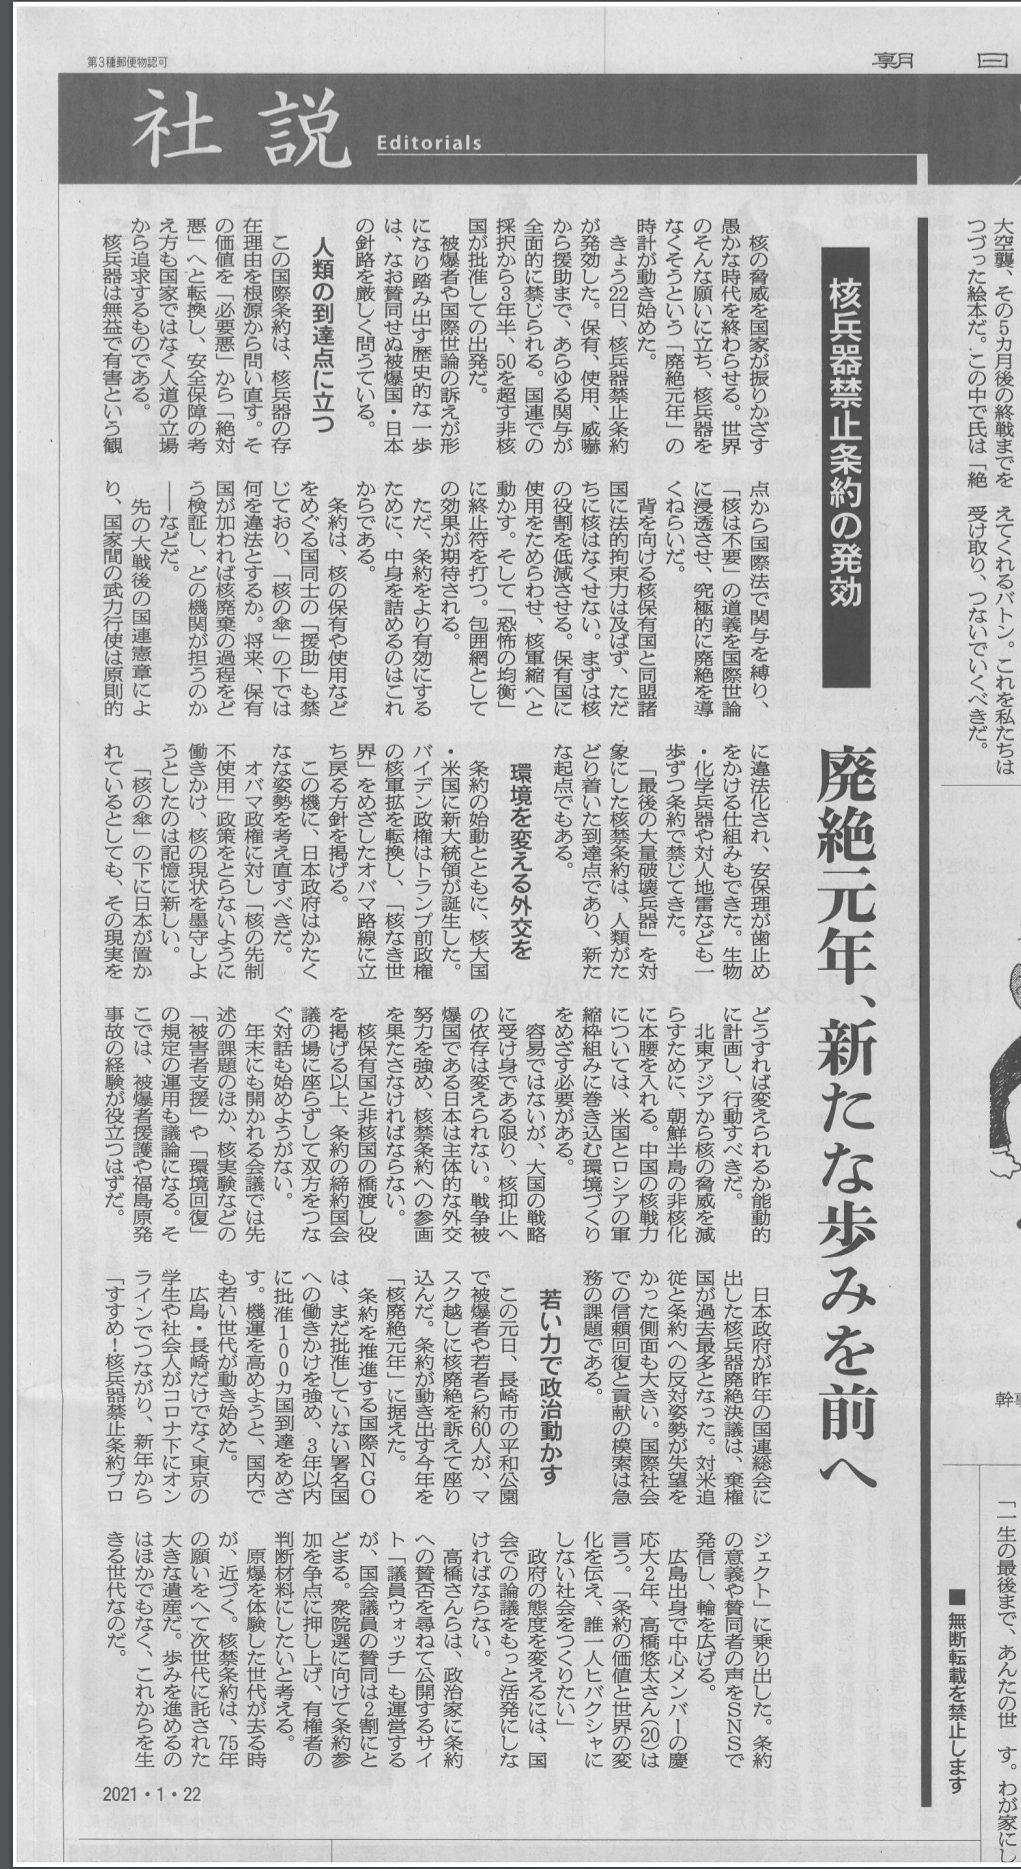 朝日新聞社説2021年1月22日付